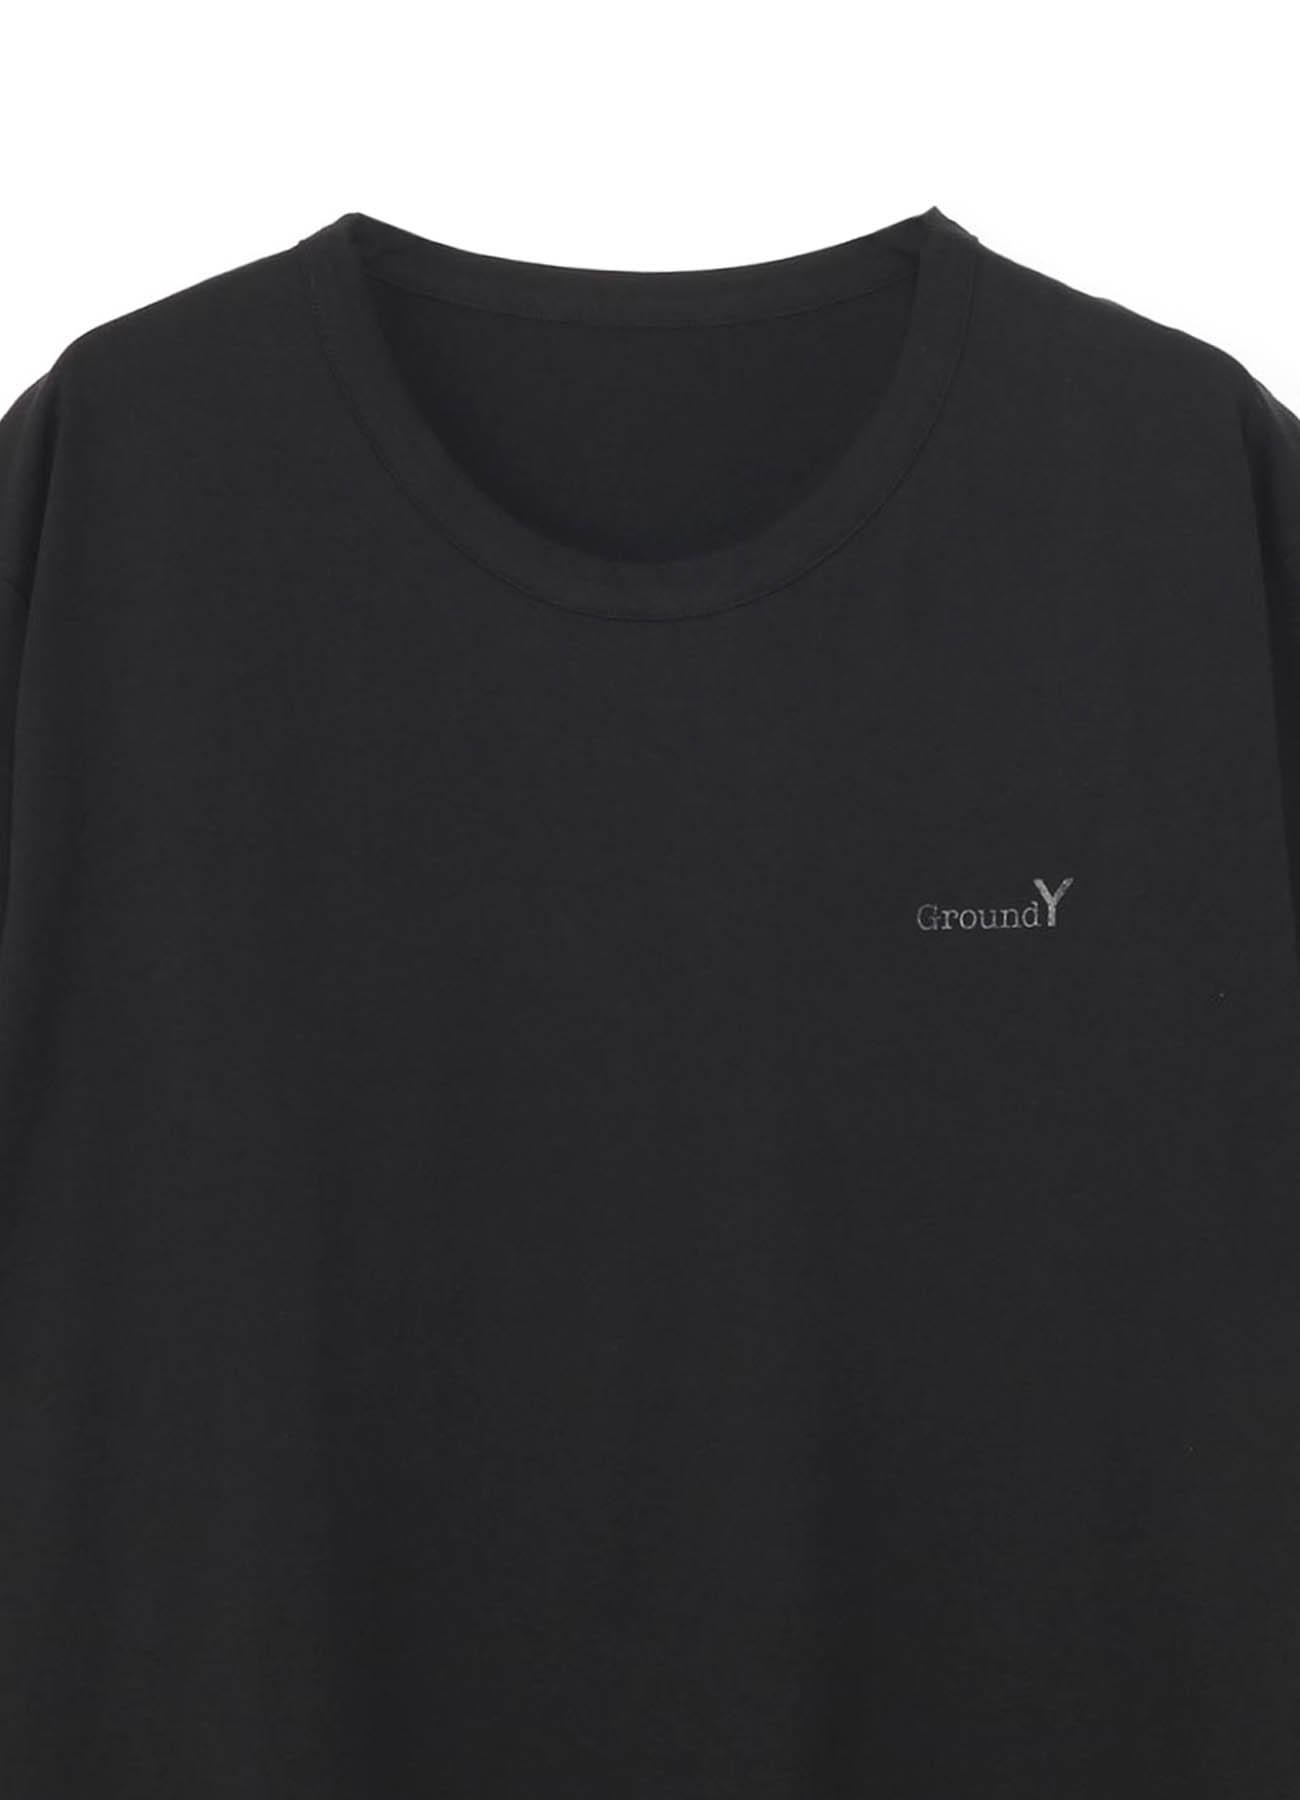 Ground Y × DEVILMAN 联名款T恤